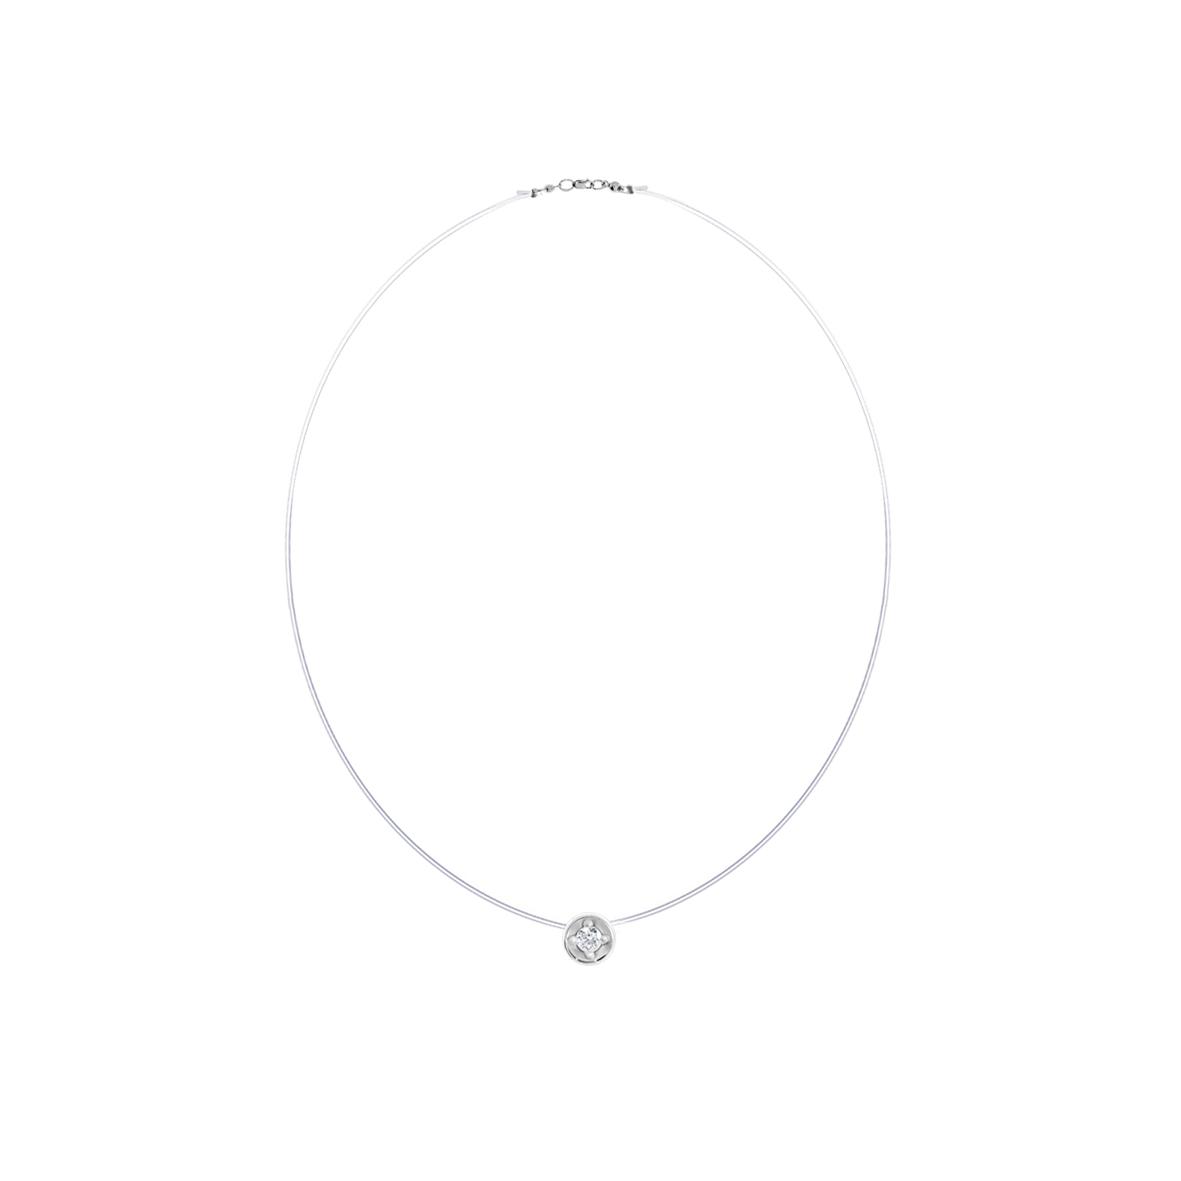 Колье-леска из серебра с леской и фианитом арт. 8340203056-38 8340203056-38